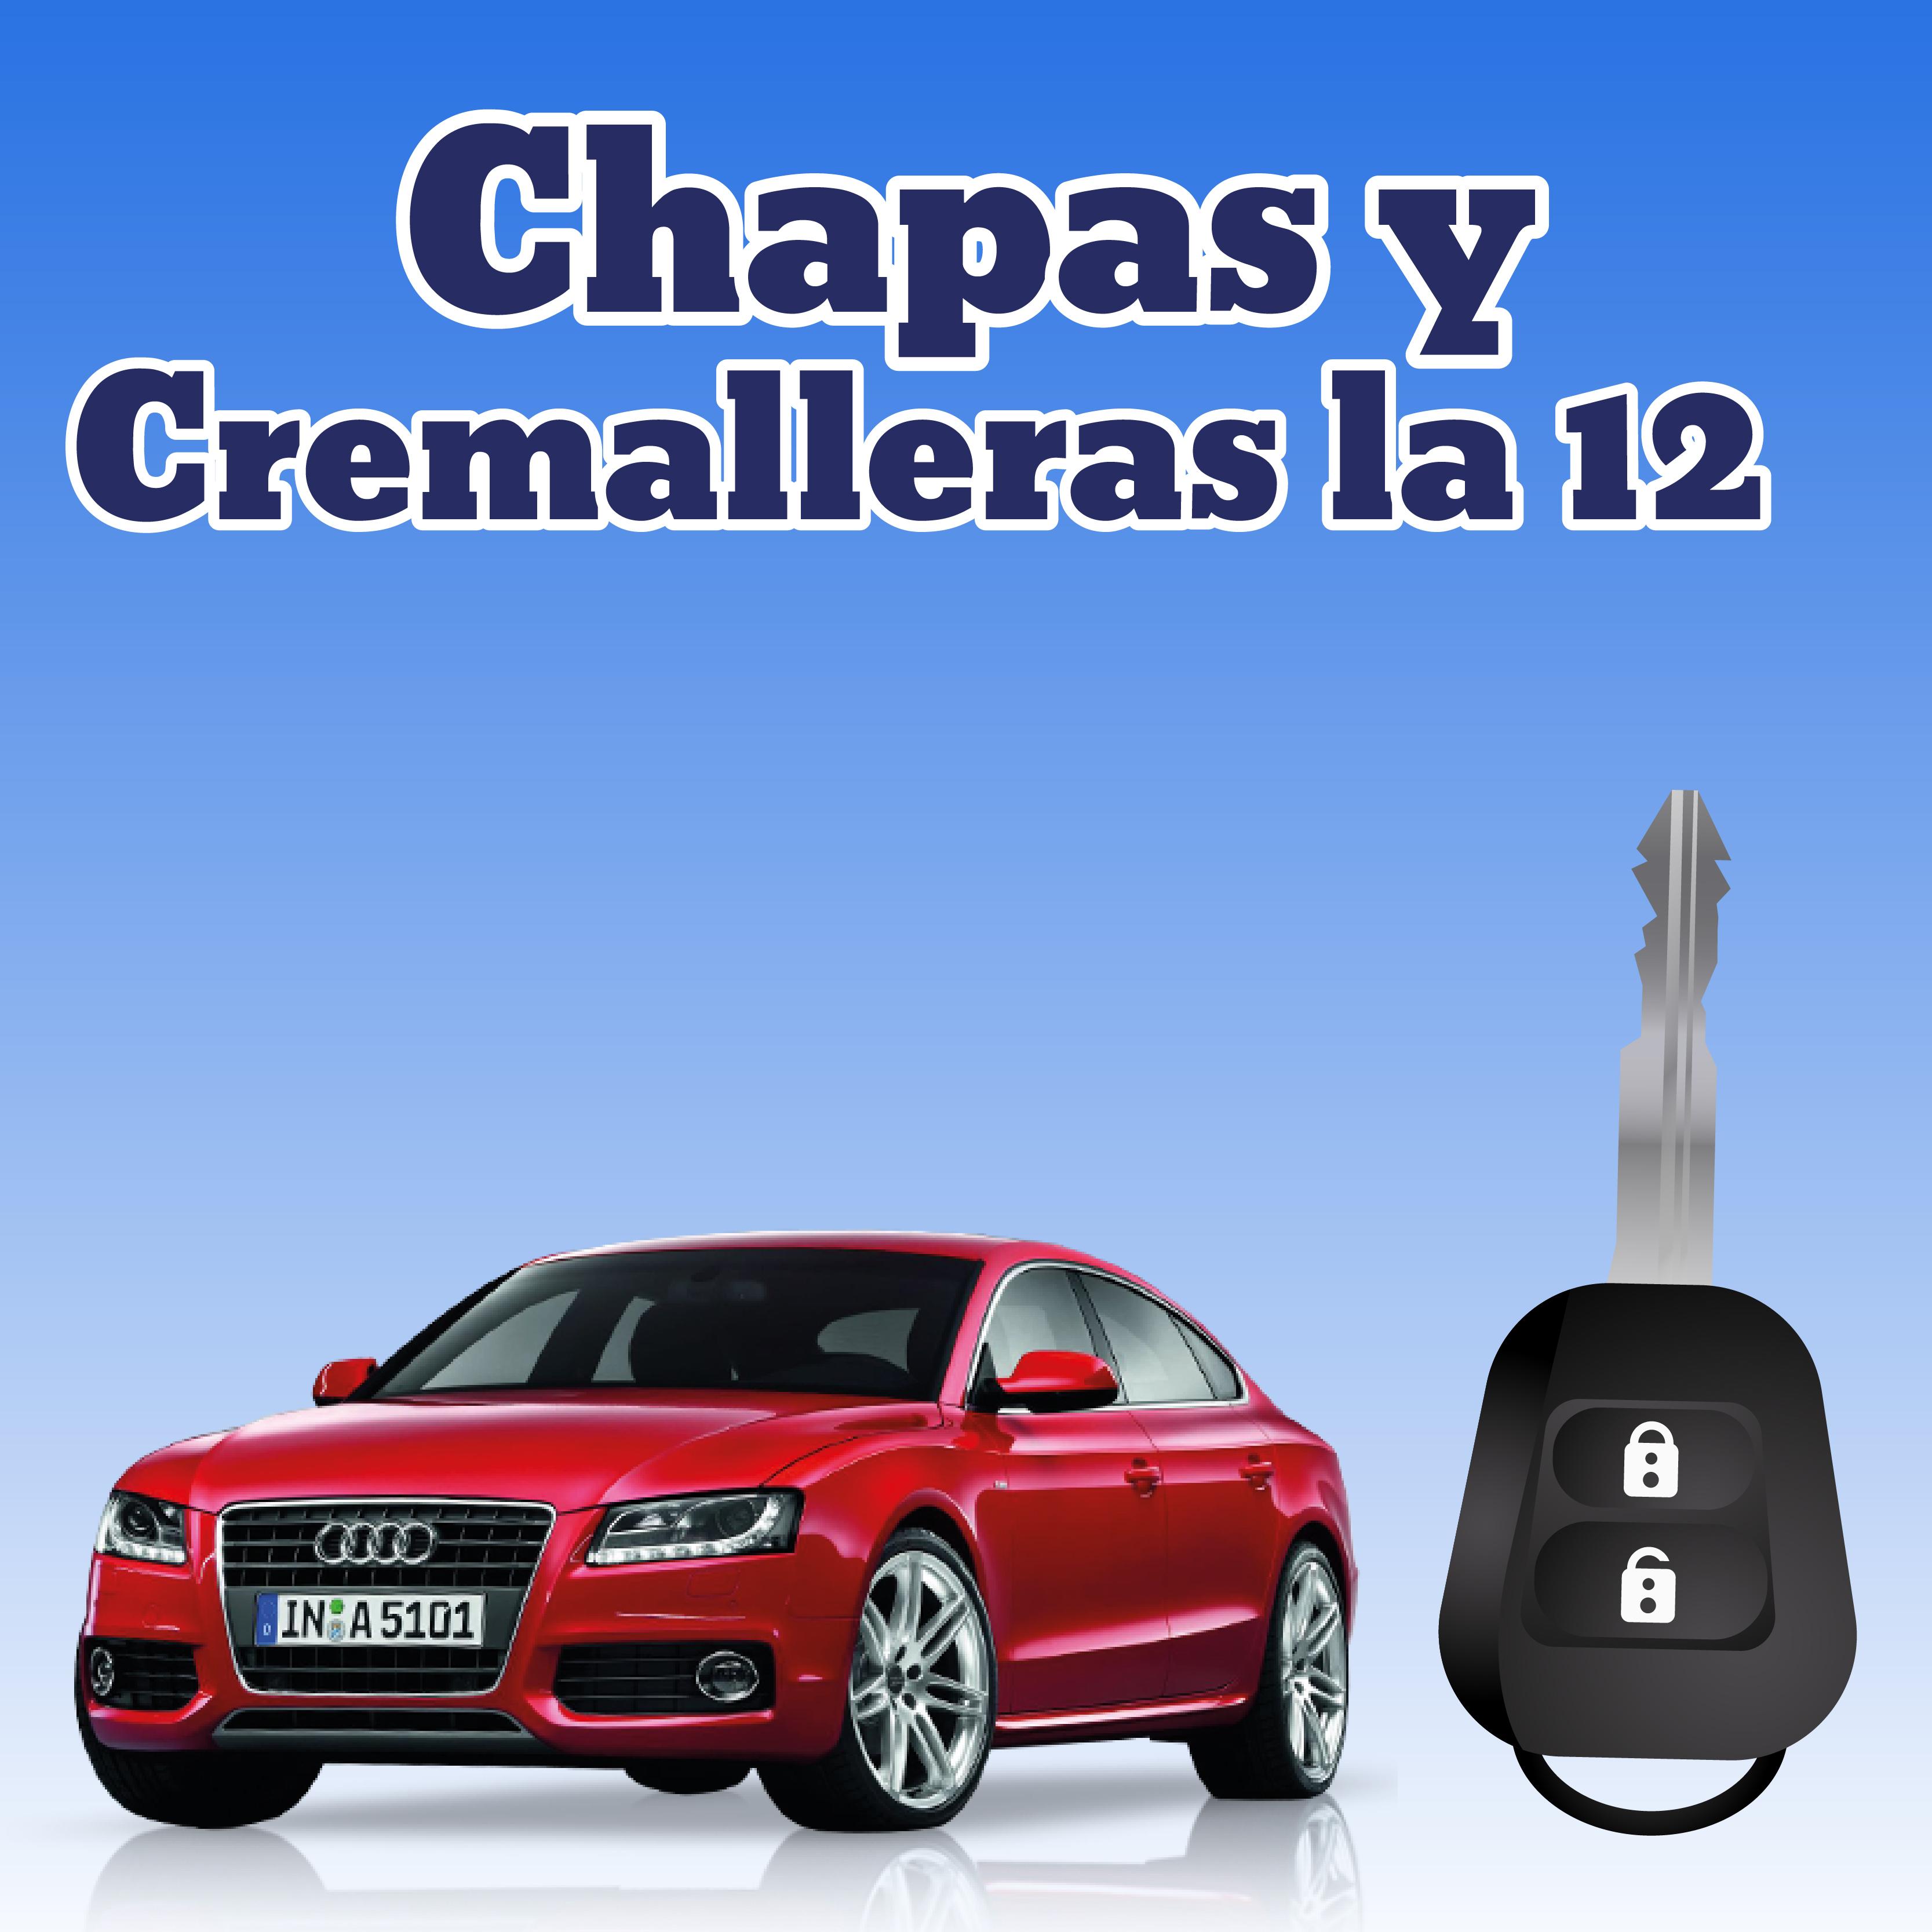 CHAPAS-GUIA-EMPRENDER-CREMALLERAS-LA-12_Mesa de trabajo 1